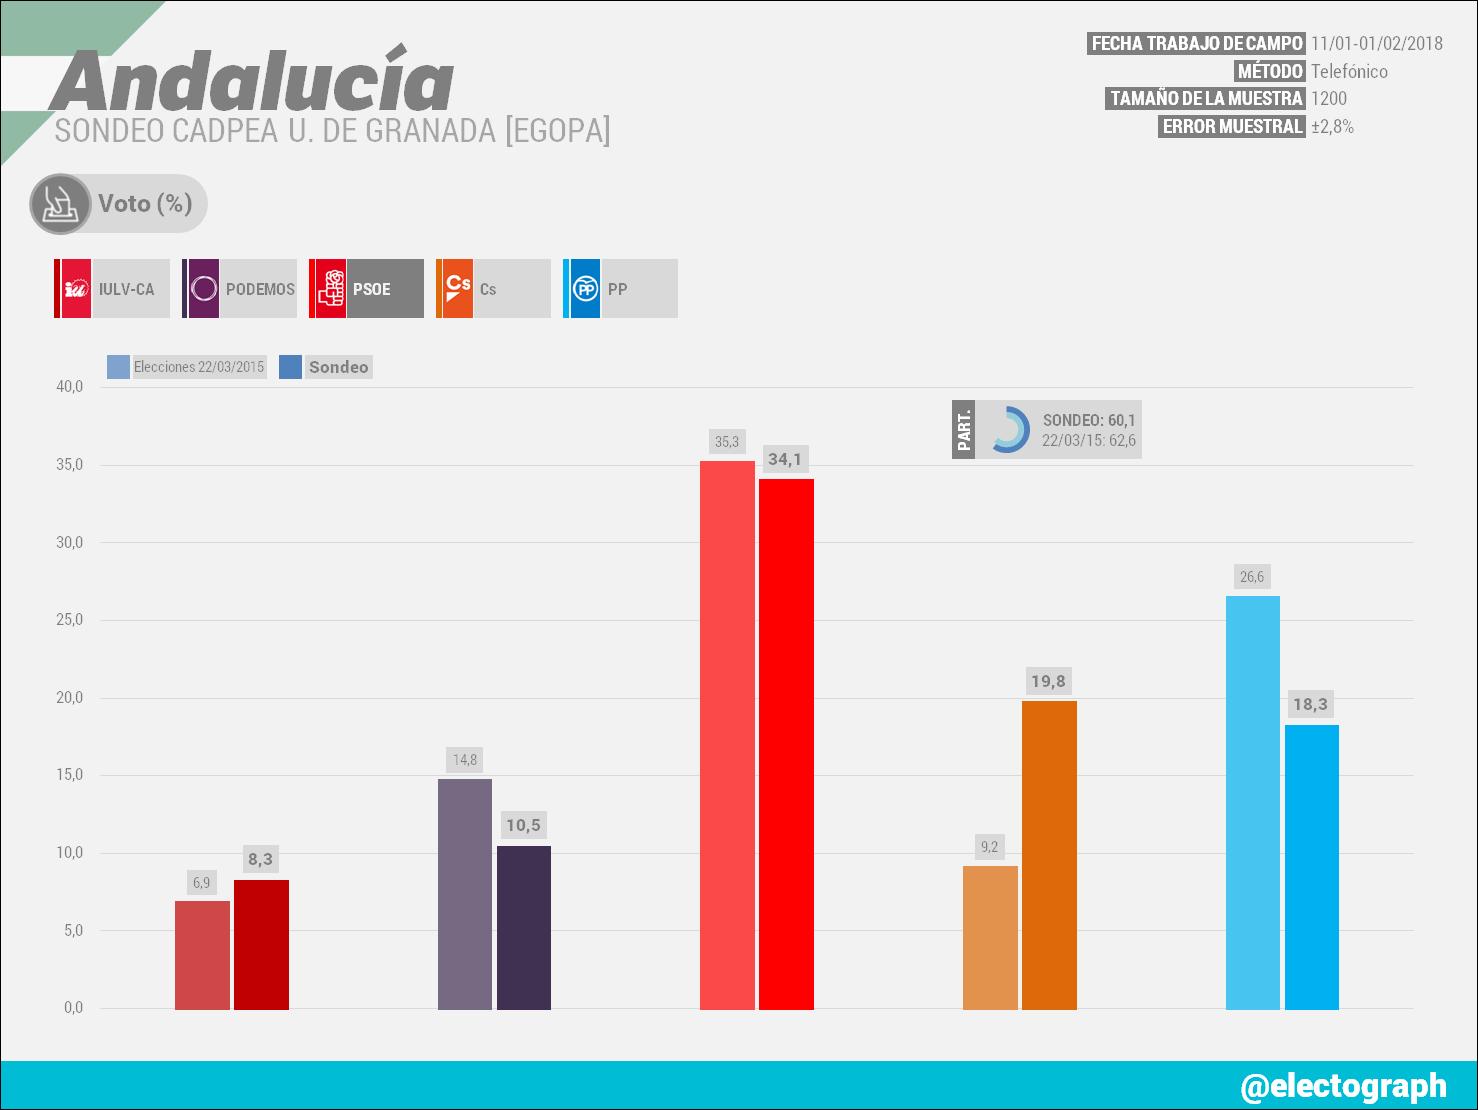 Gráfico de la encuesta para elecciones autonómicas en Andalucía realizada por CADPEA Universidad de Granada (EGOPA) en febrero de 2018